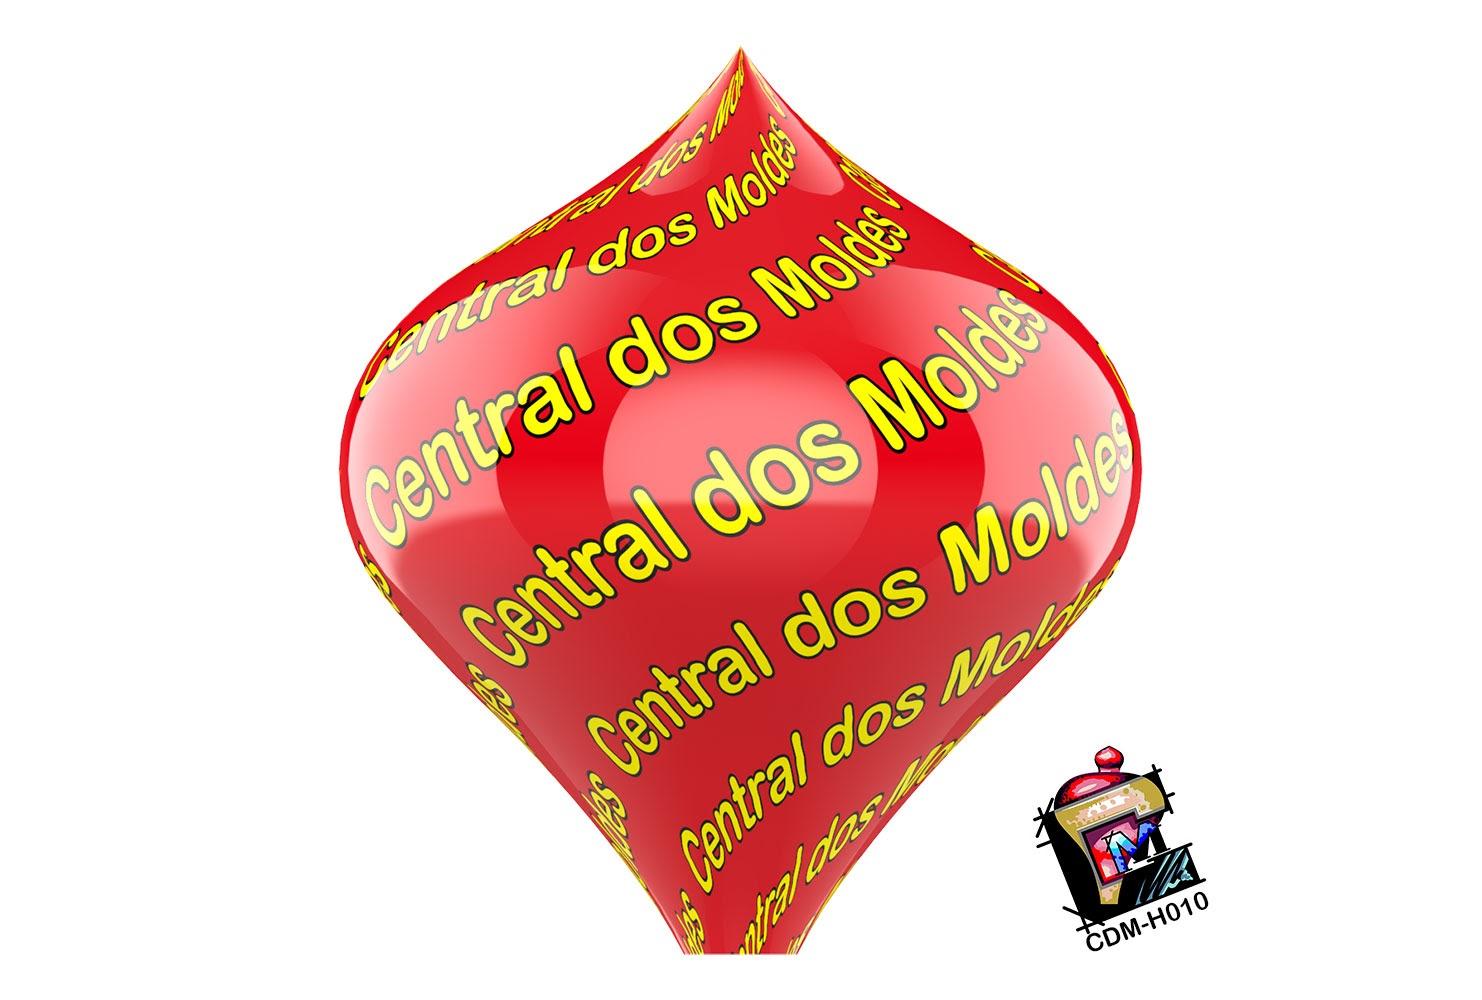 CDM-H010-07062013 - Silhueta